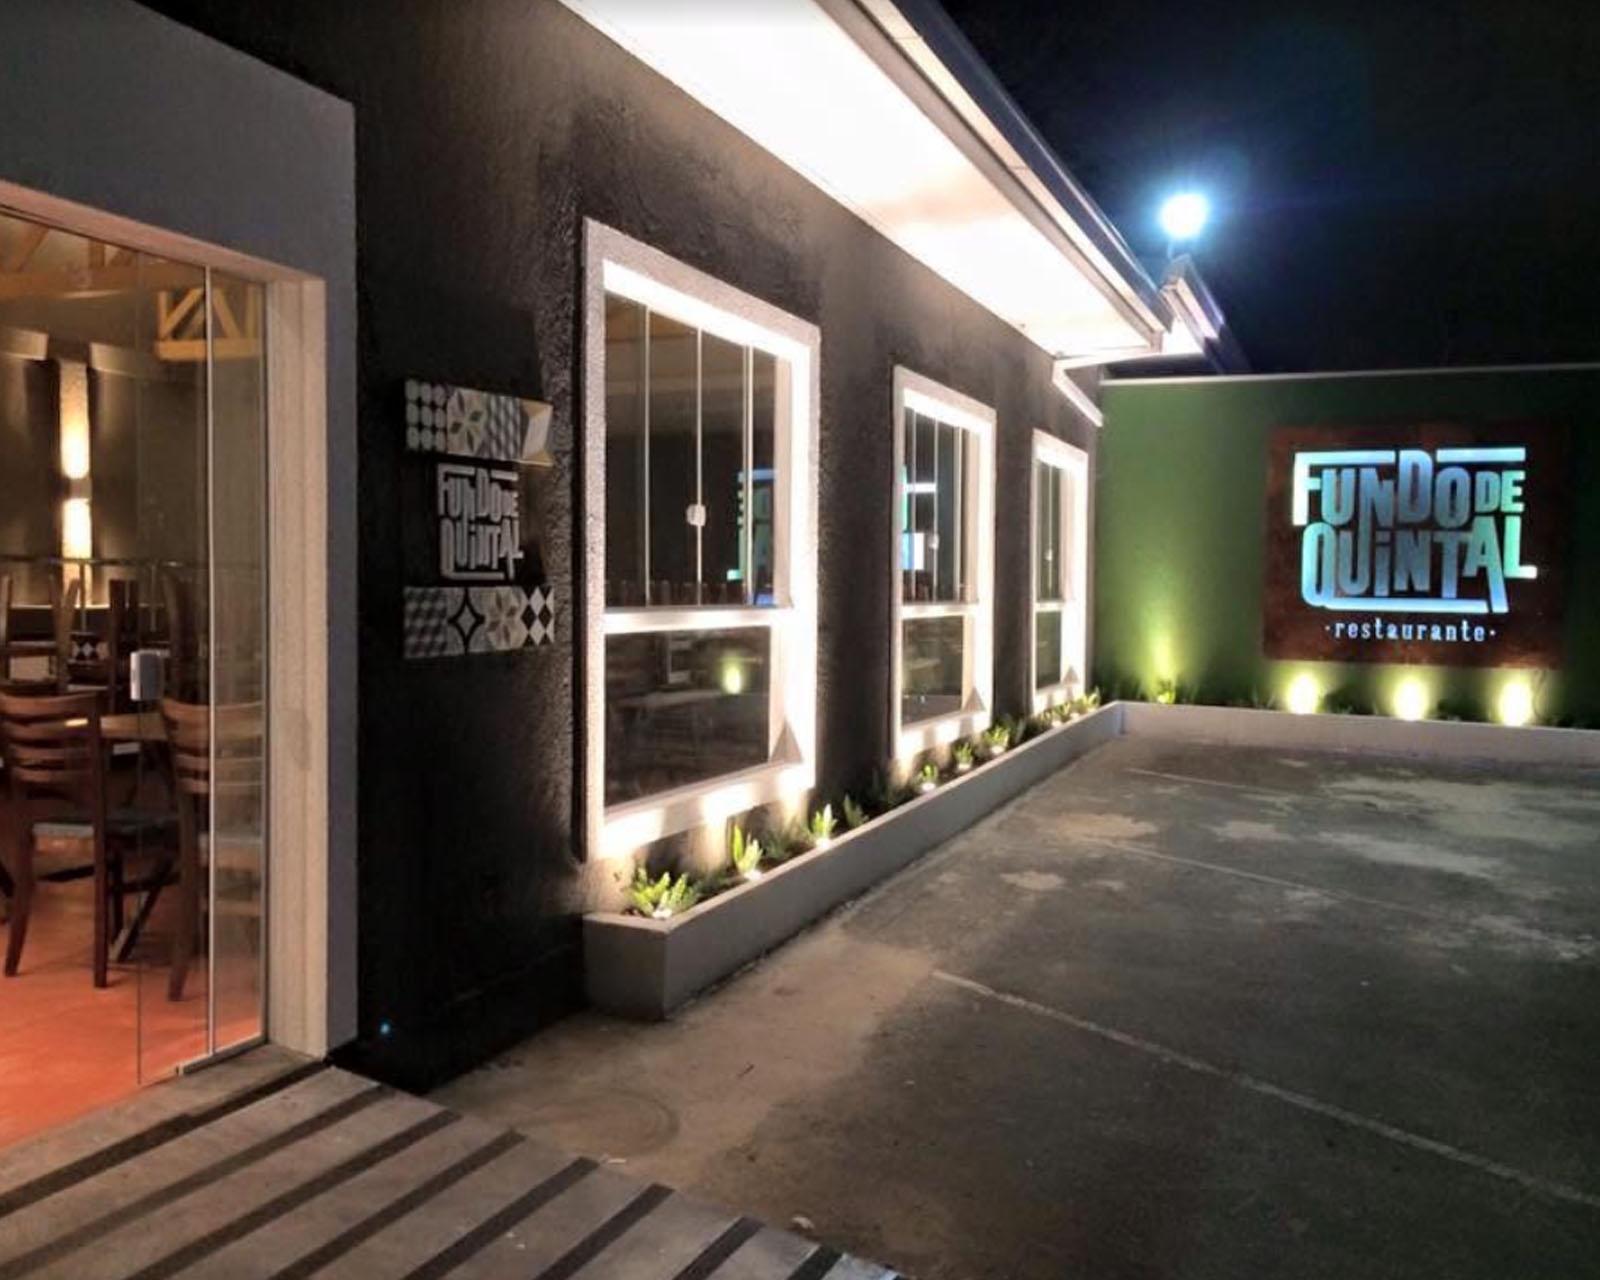 Fundo de Quintal - Restaurante - São José dos Pinhais - PR